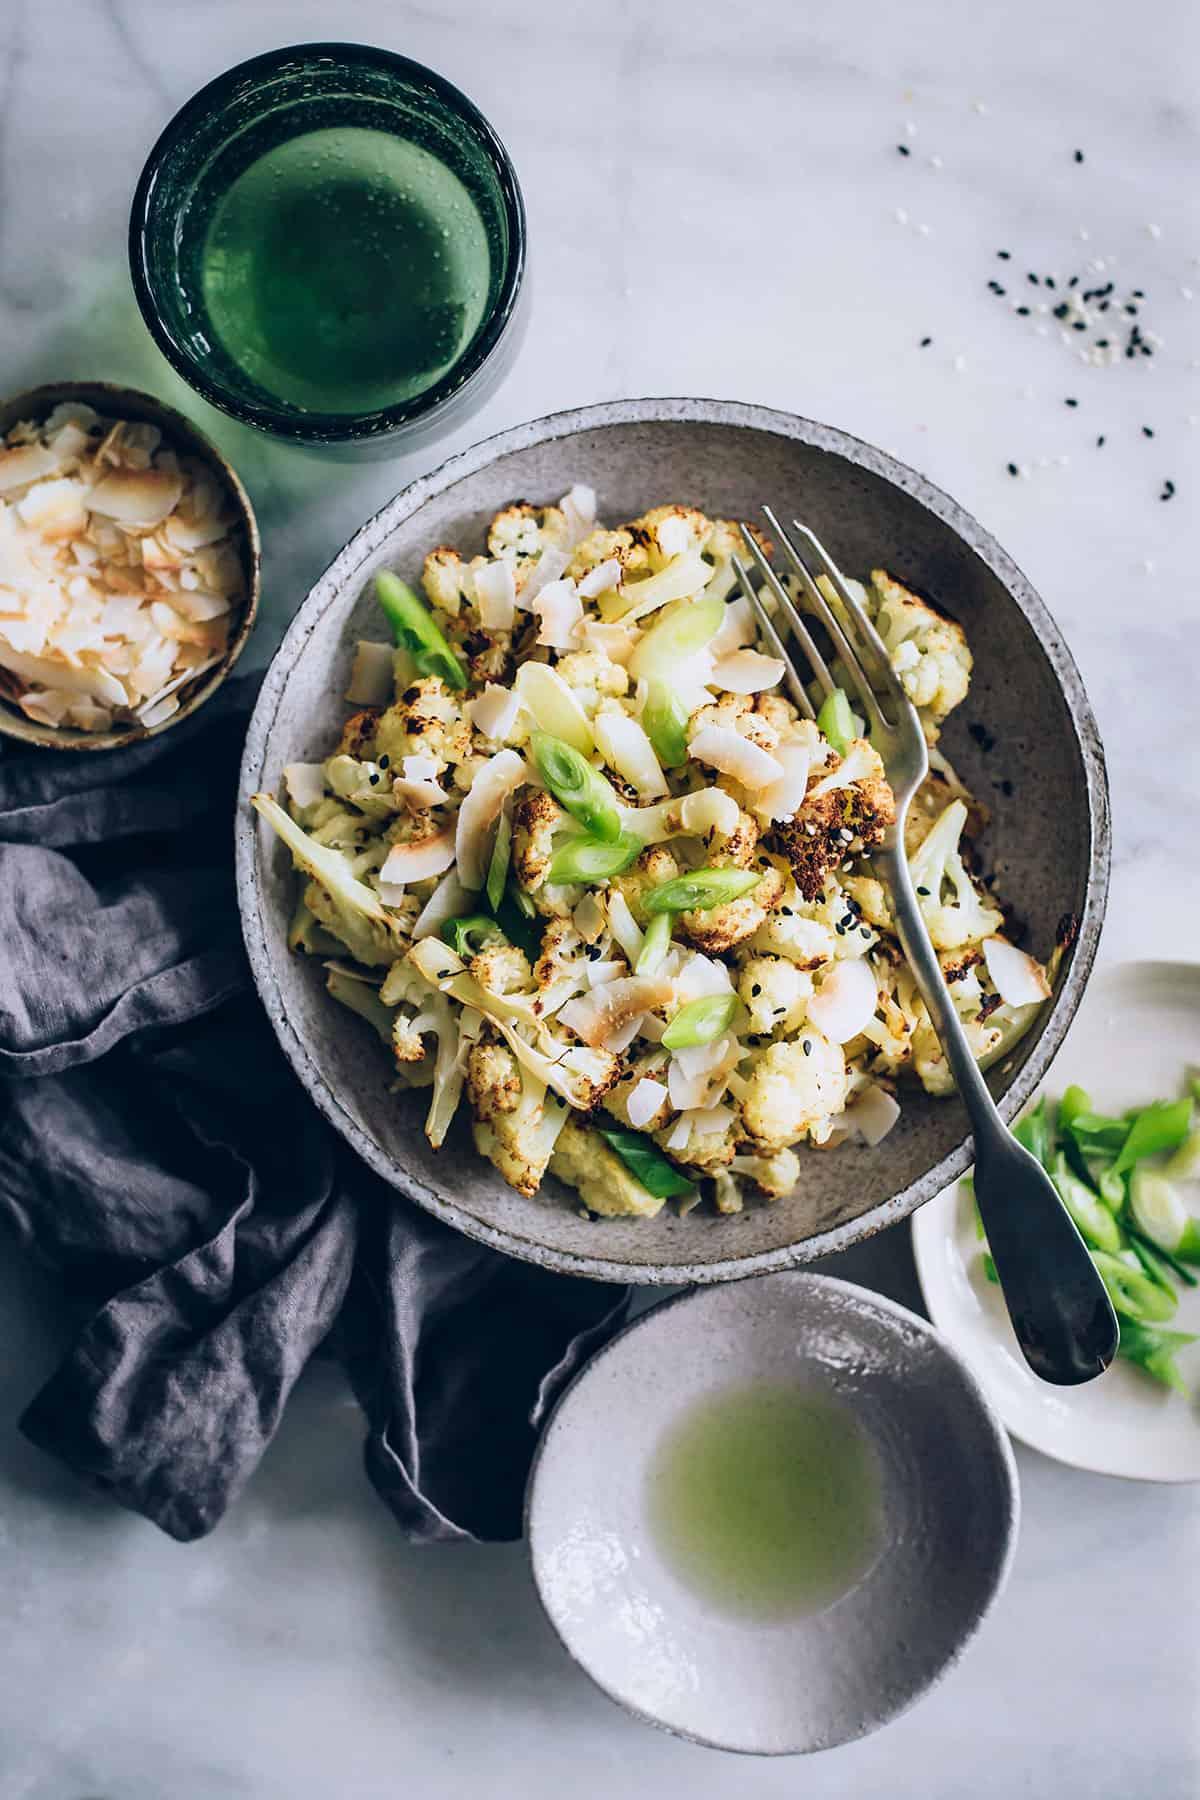 Roasted Cauliflower With Omega-3 Rich Algae Oil